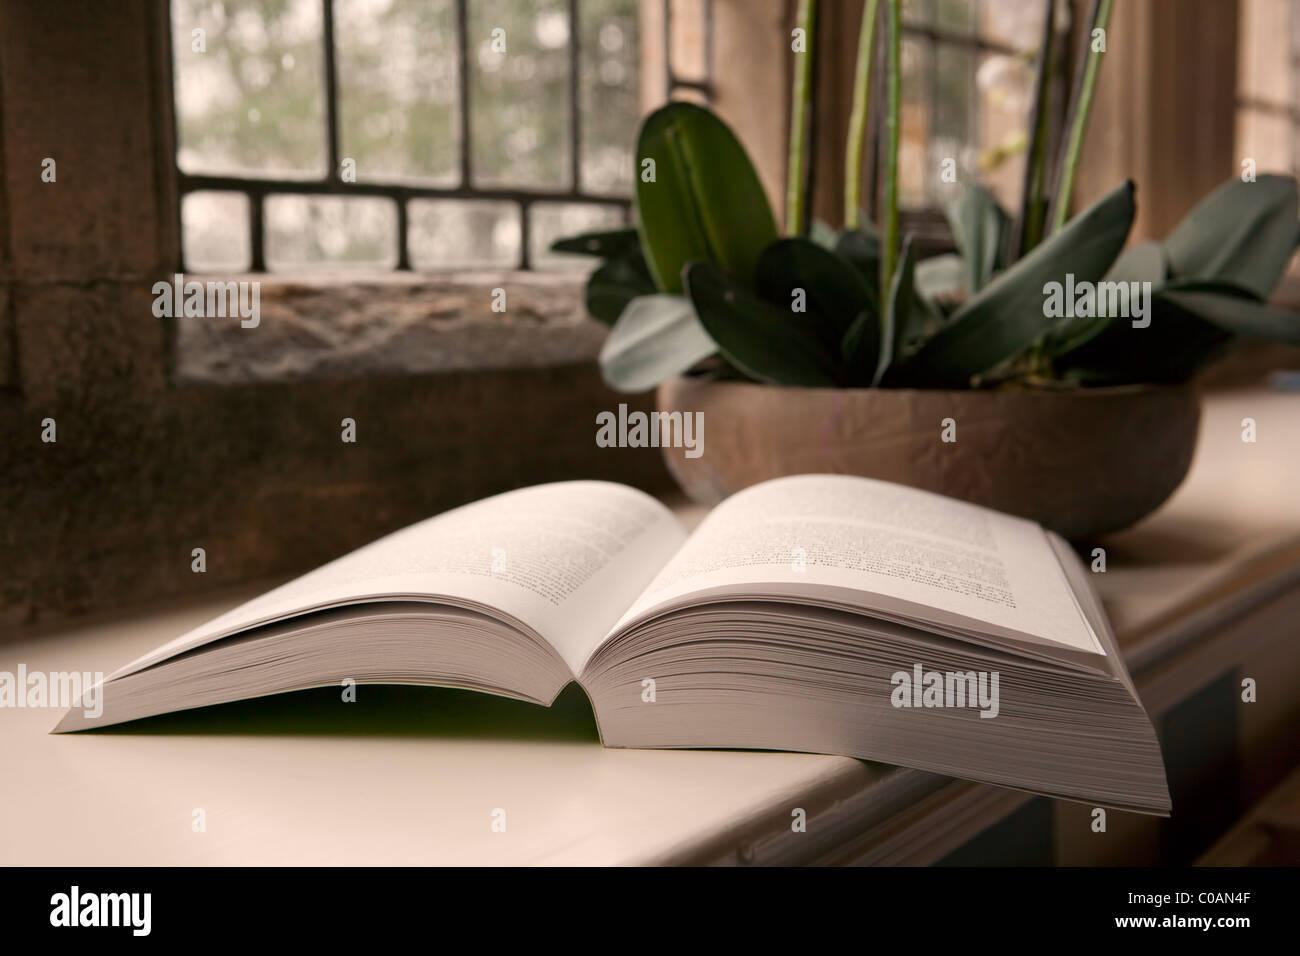 Open book on windowsill - Stock Image